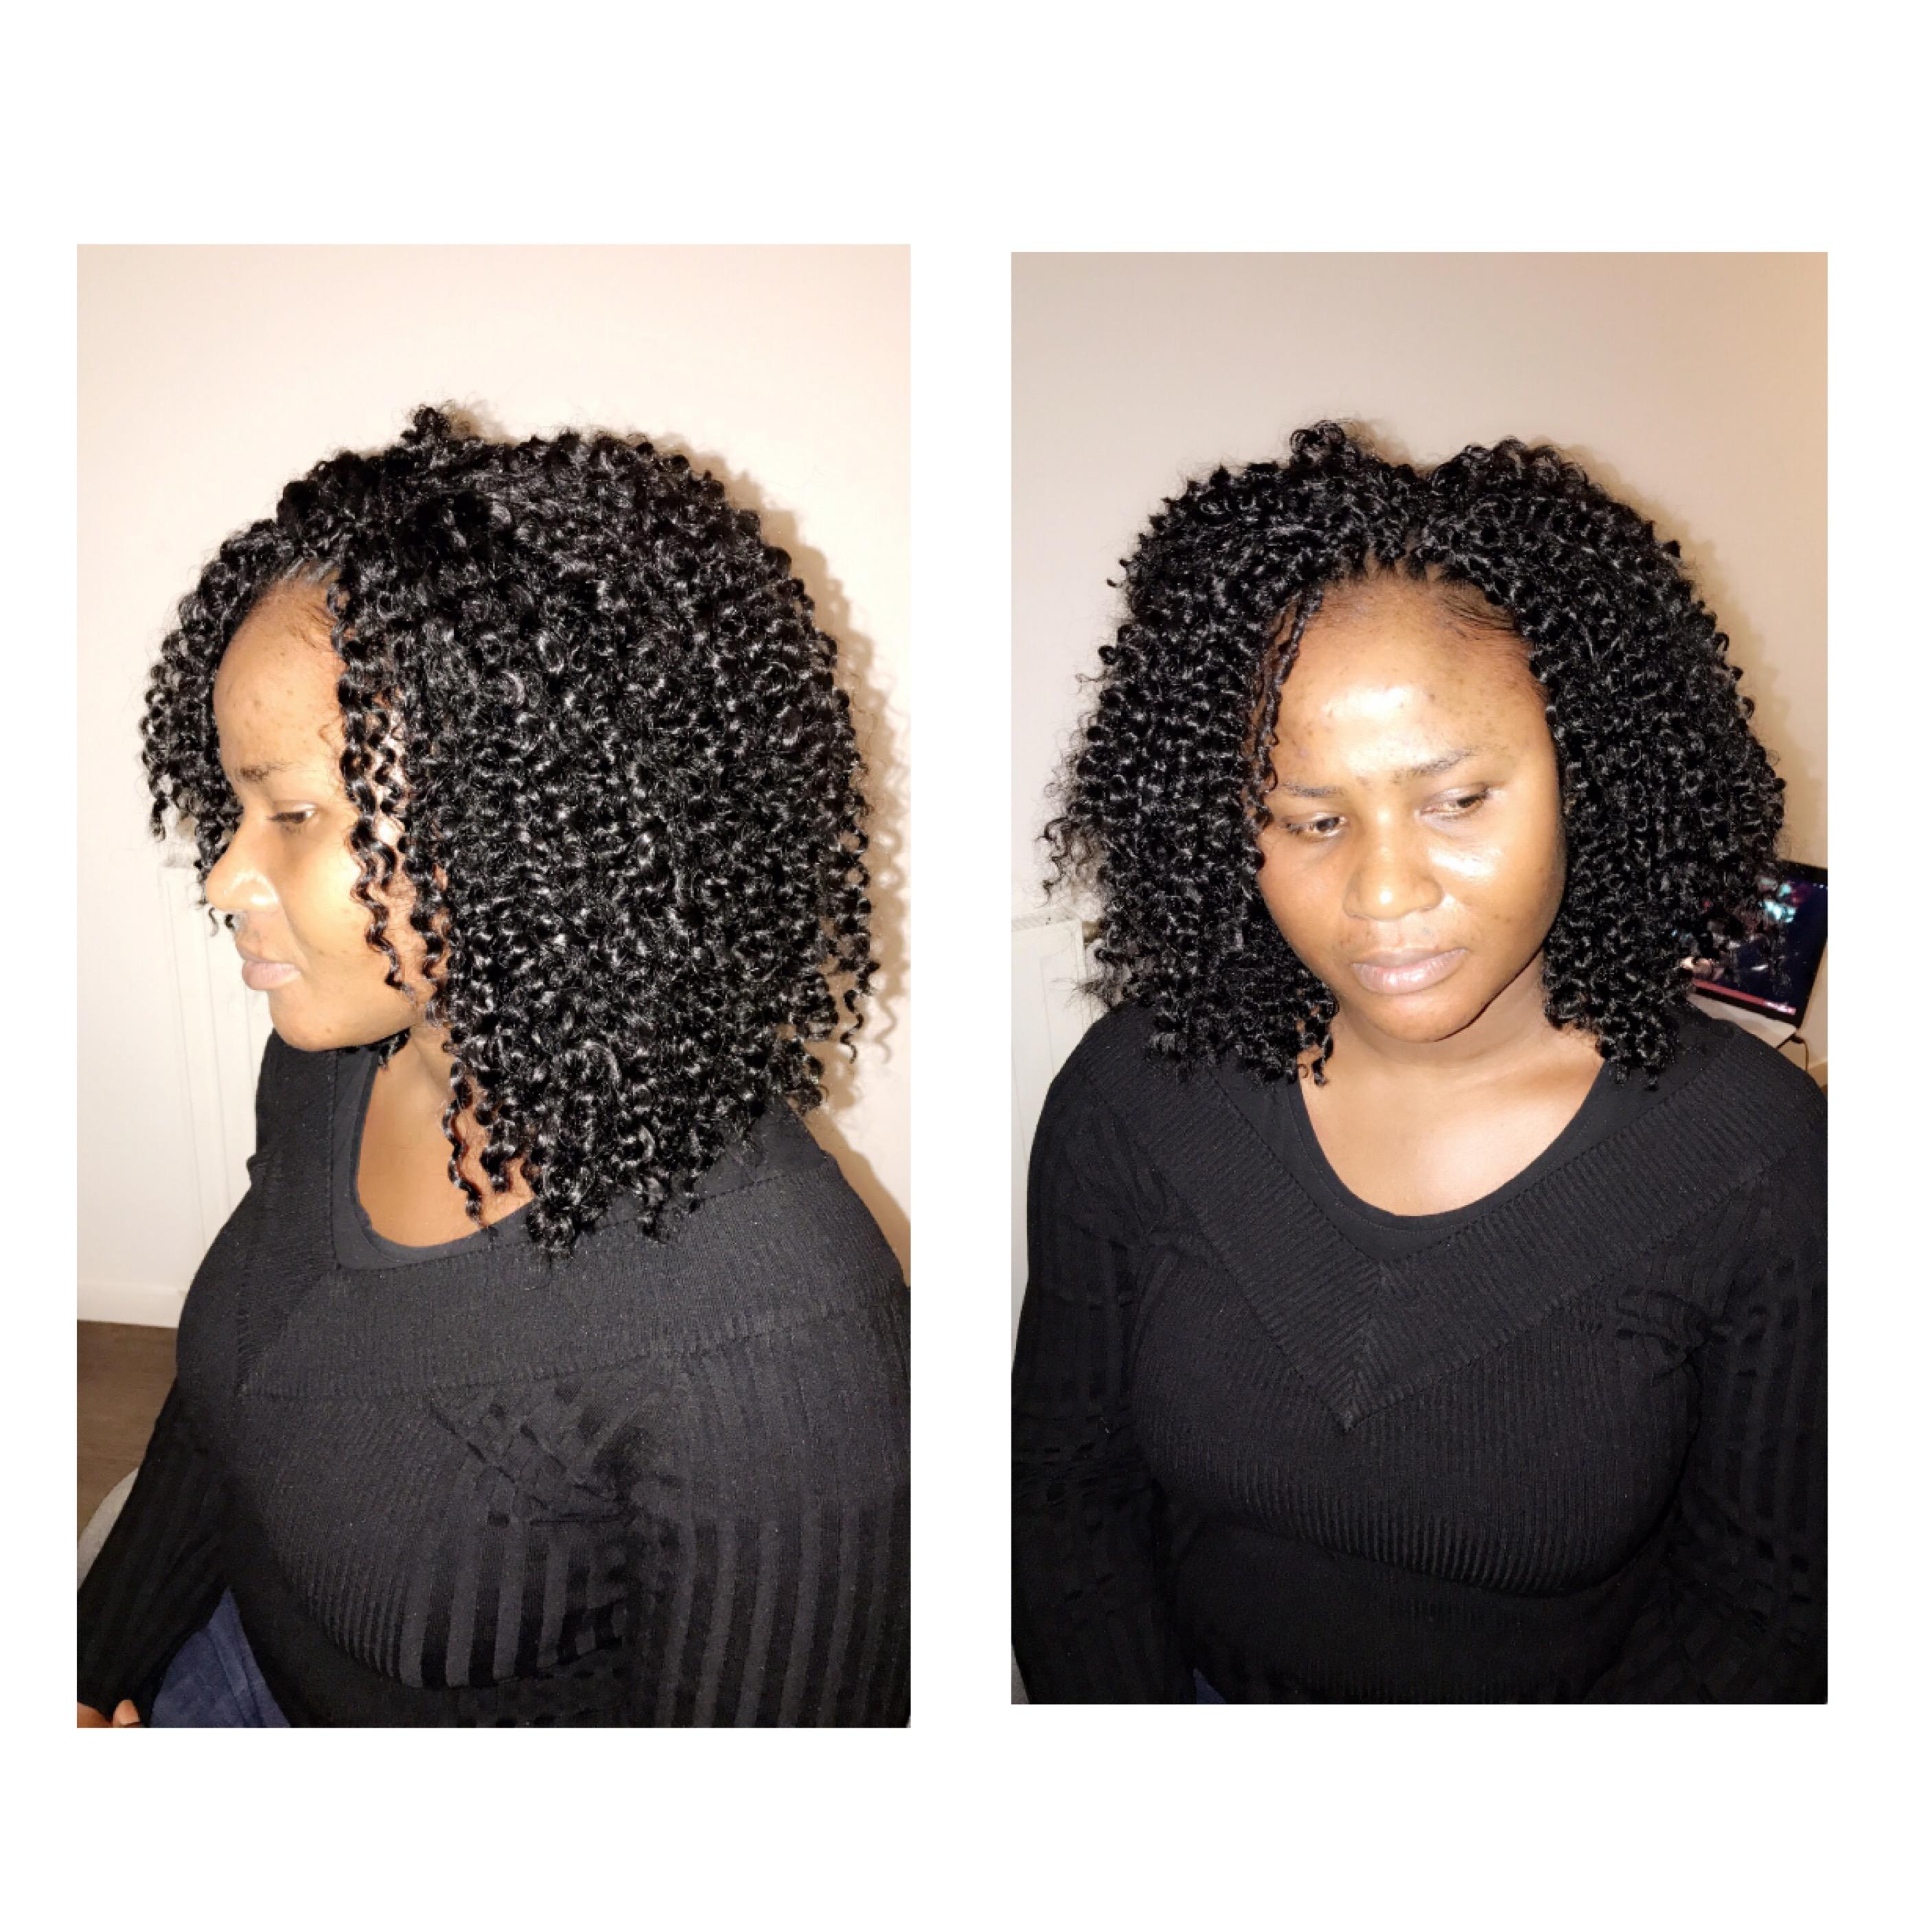 salon de coiffure afro tresse tresses box braids crochet braids vanilles tissages paris 75 77 78 91 92 93 94 95 KRIKKZXC